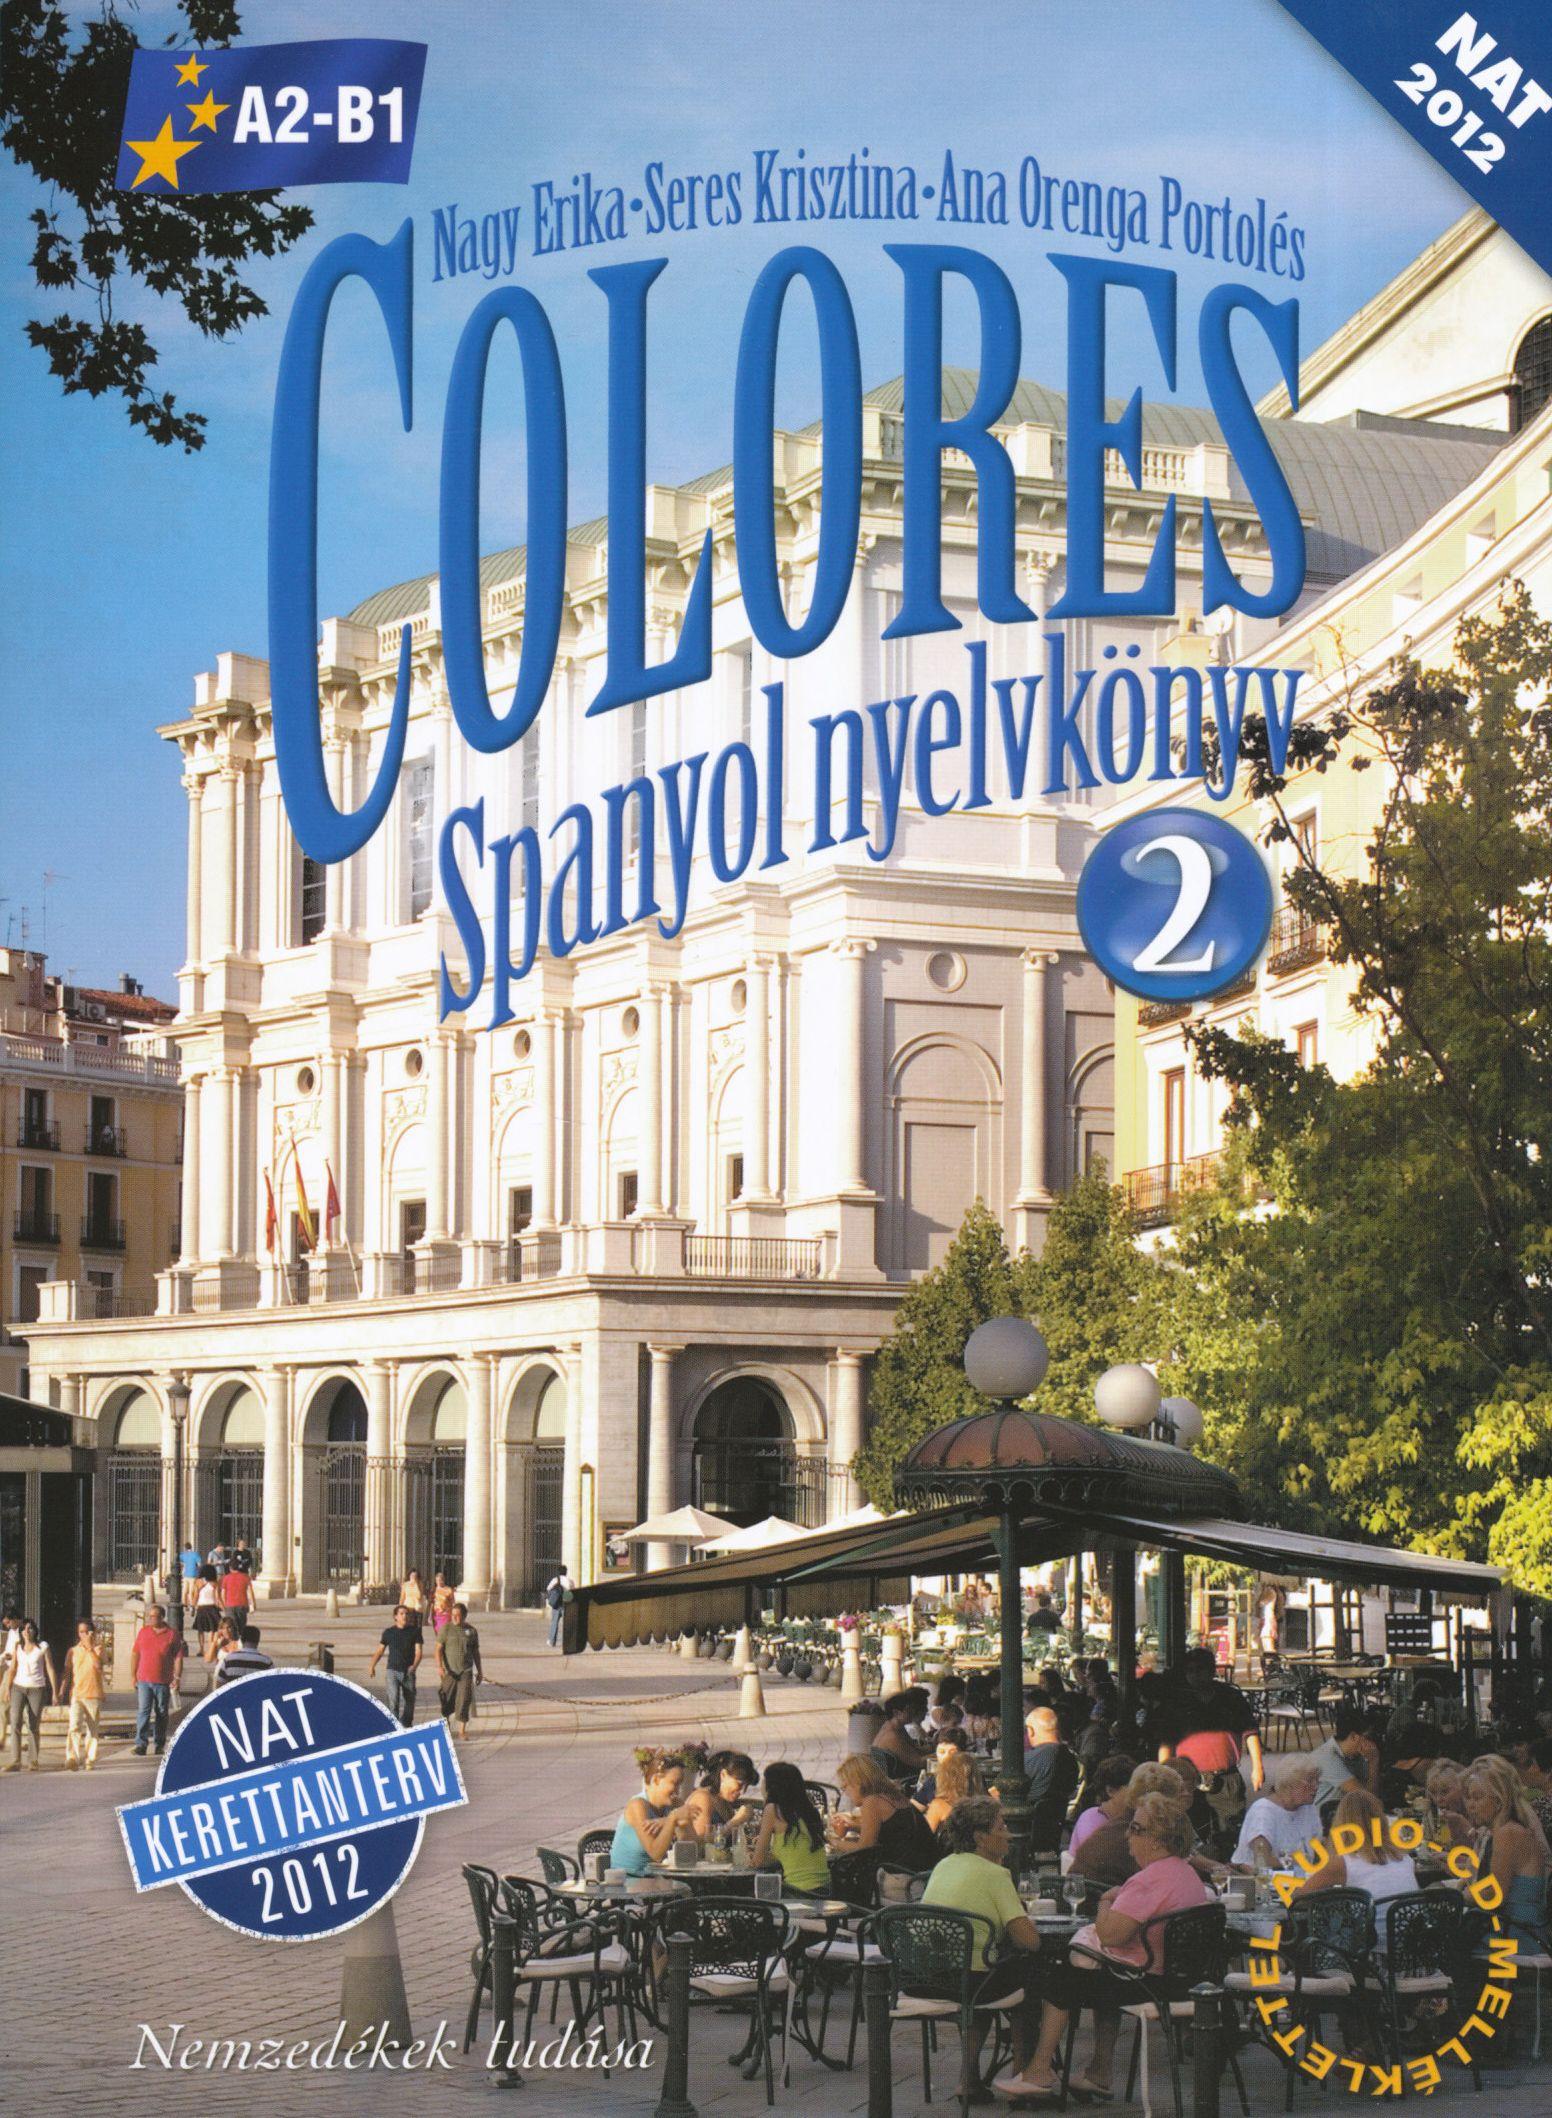 Colores Spanyol nyelvkönyv 2 Audio CD melléklettel - NAT 2012